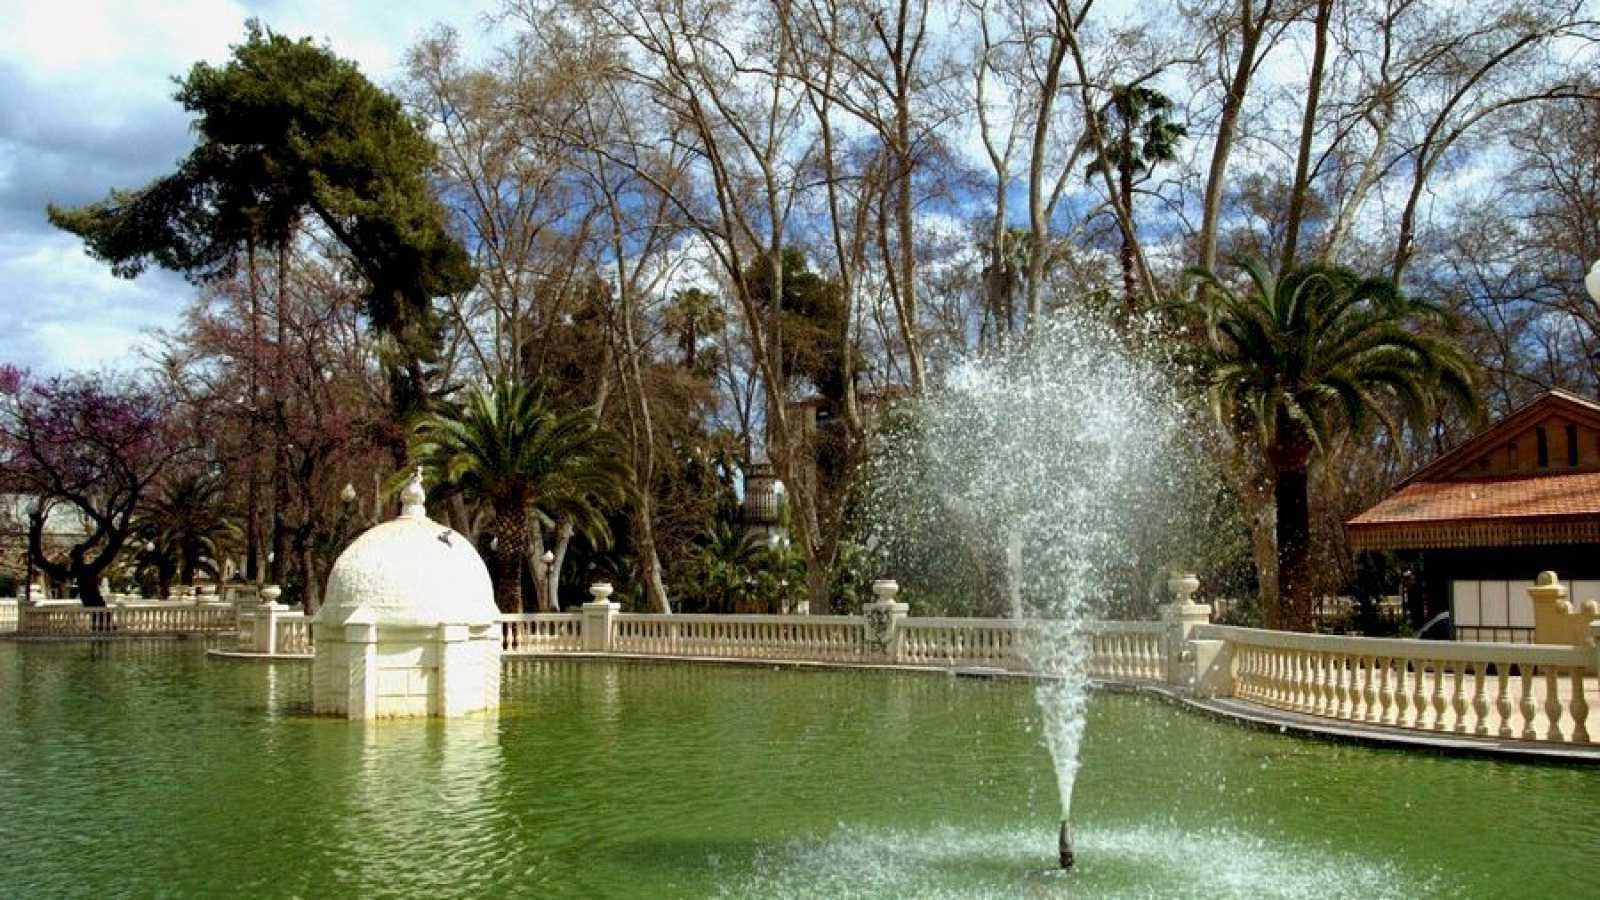 En clave Turismo - Castellón, tras el corazón verde - 21/09/20 - escuchar ahora